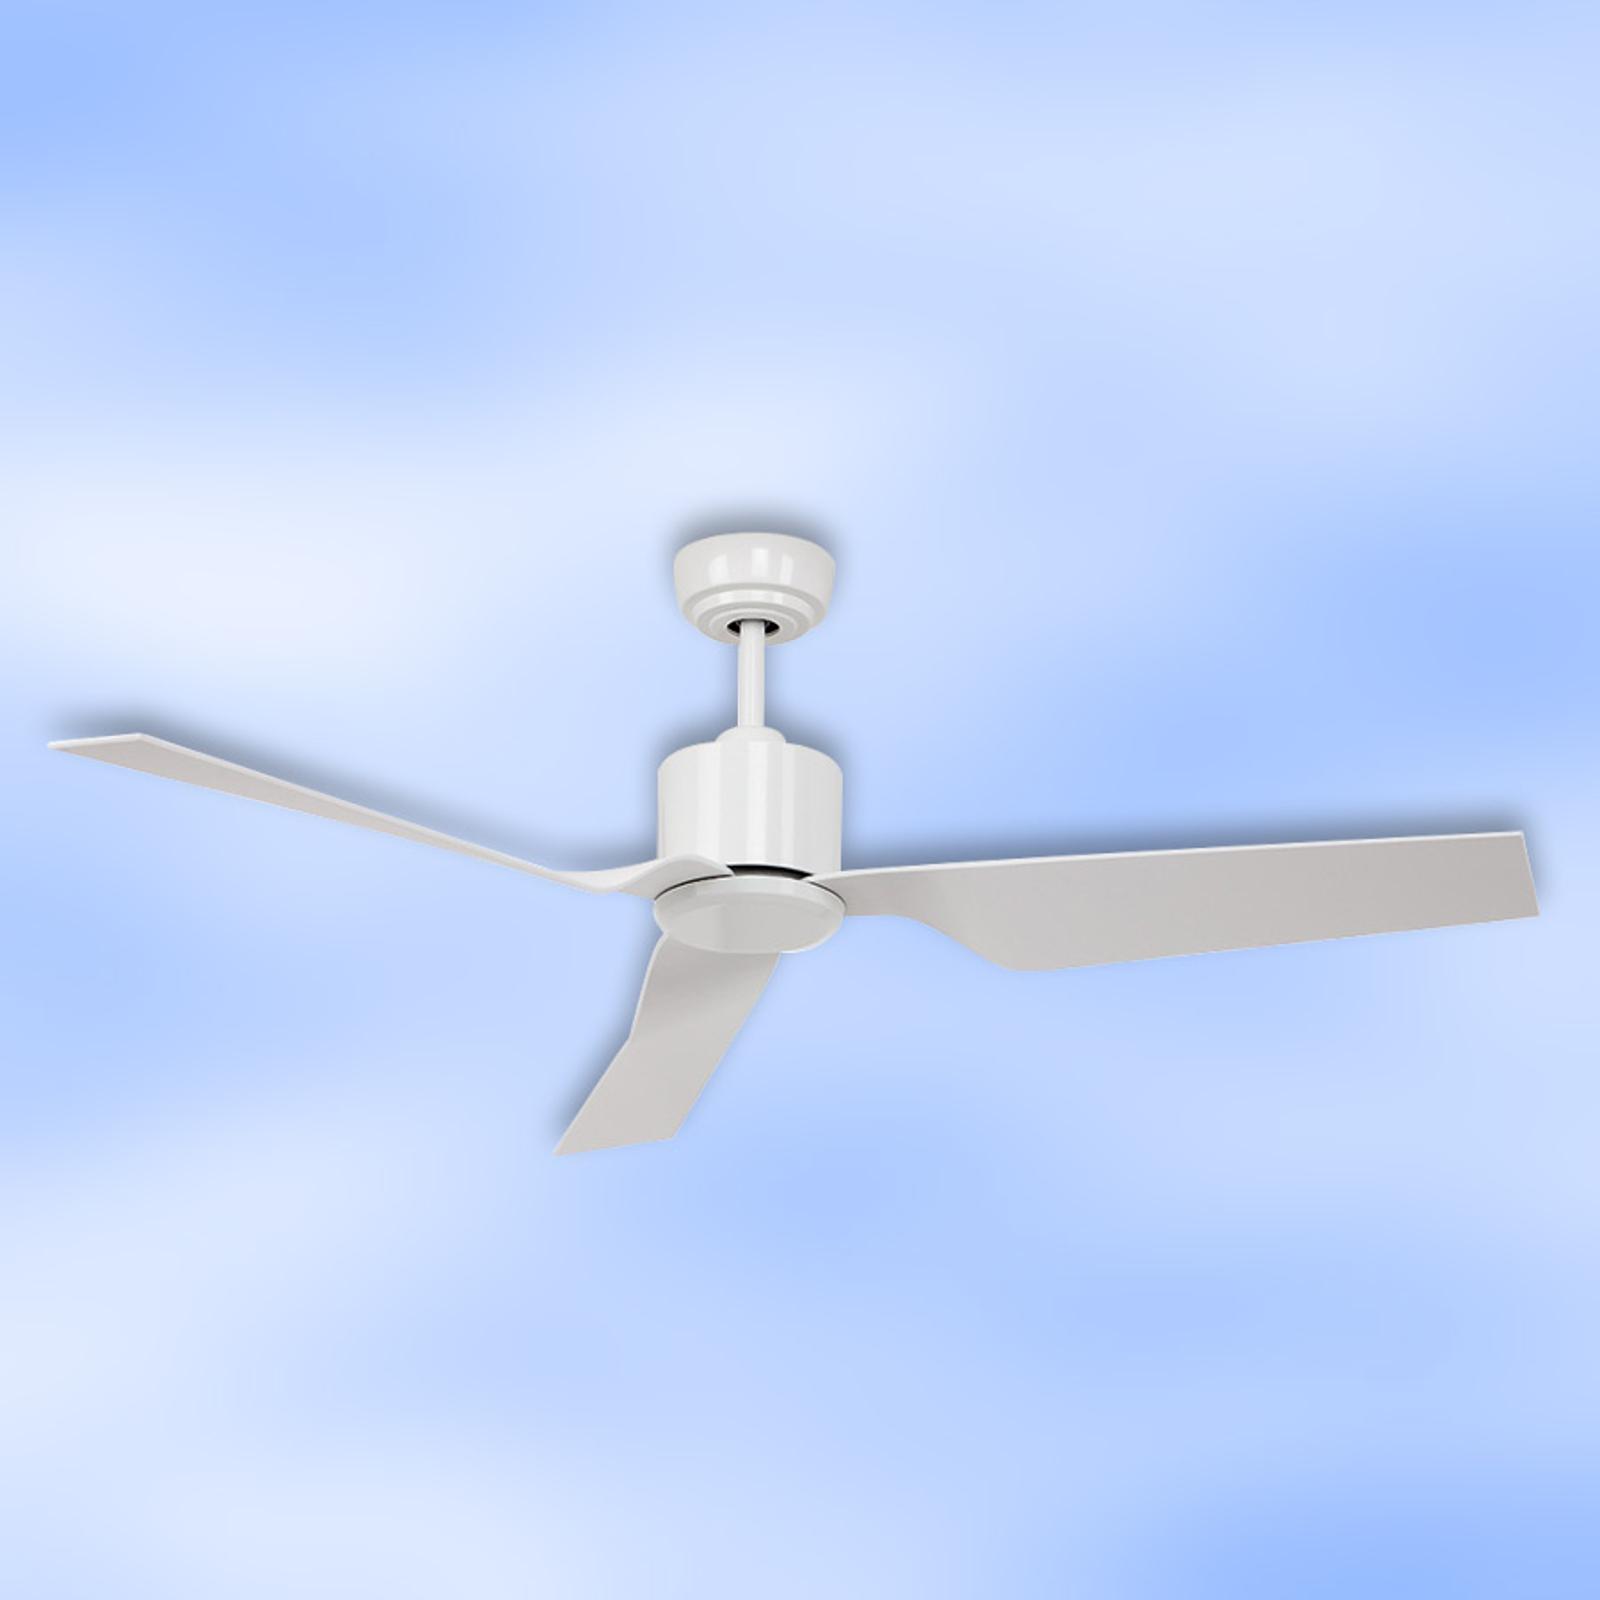 Eco Dynamix ceiling fan, white_2015066_1